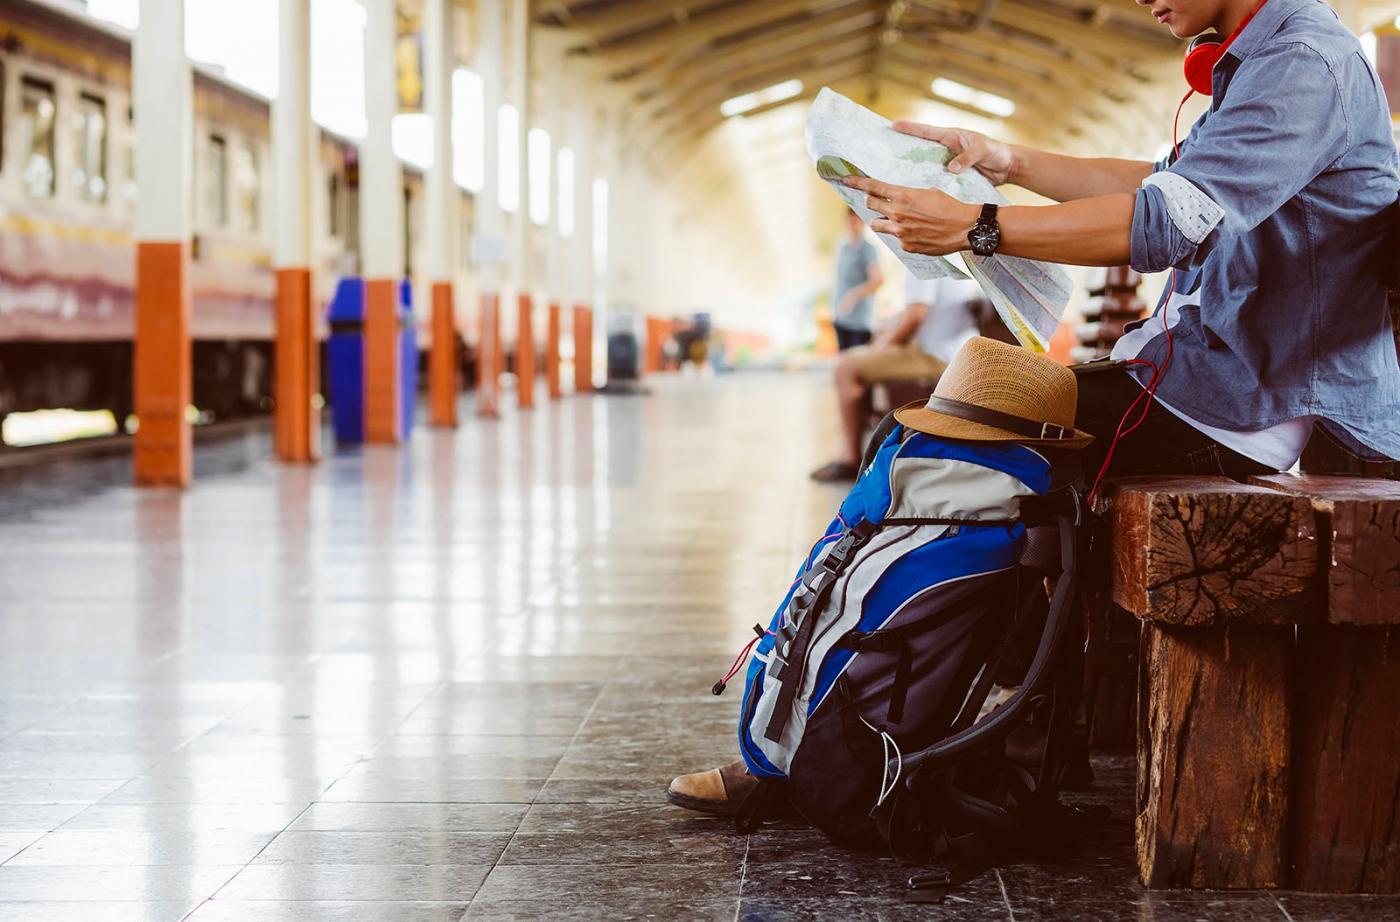 rencontres Filipina au Koweït Combien de temps pour la datation de devenir une relation